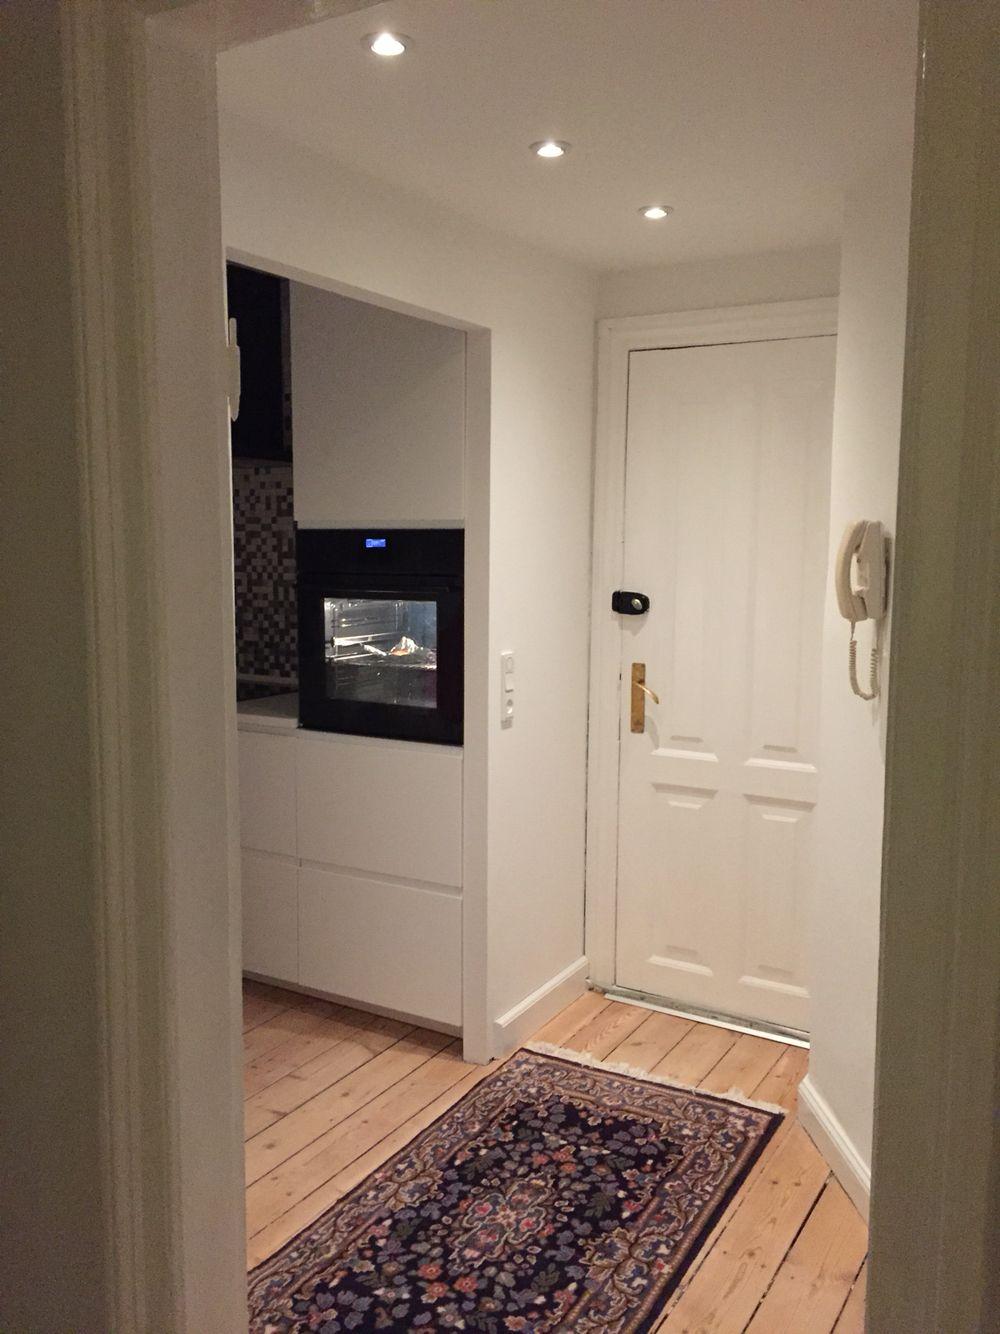 My home #myhome #kitchen #ikea #voxtorp #ikeavoxtorp #entré | Bolig ...